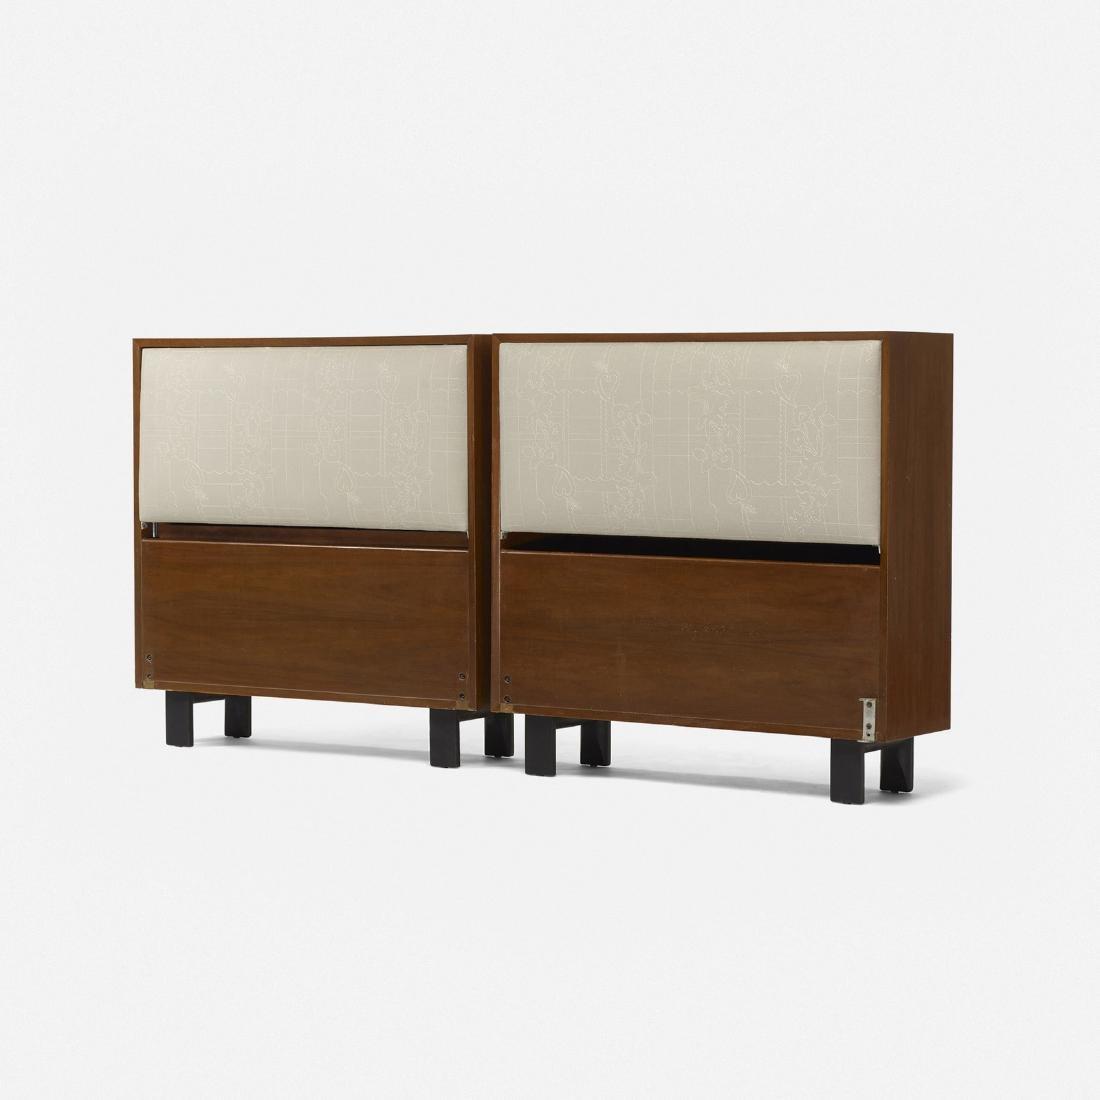 George Nelson & Associates, twin-sized headboards 4646